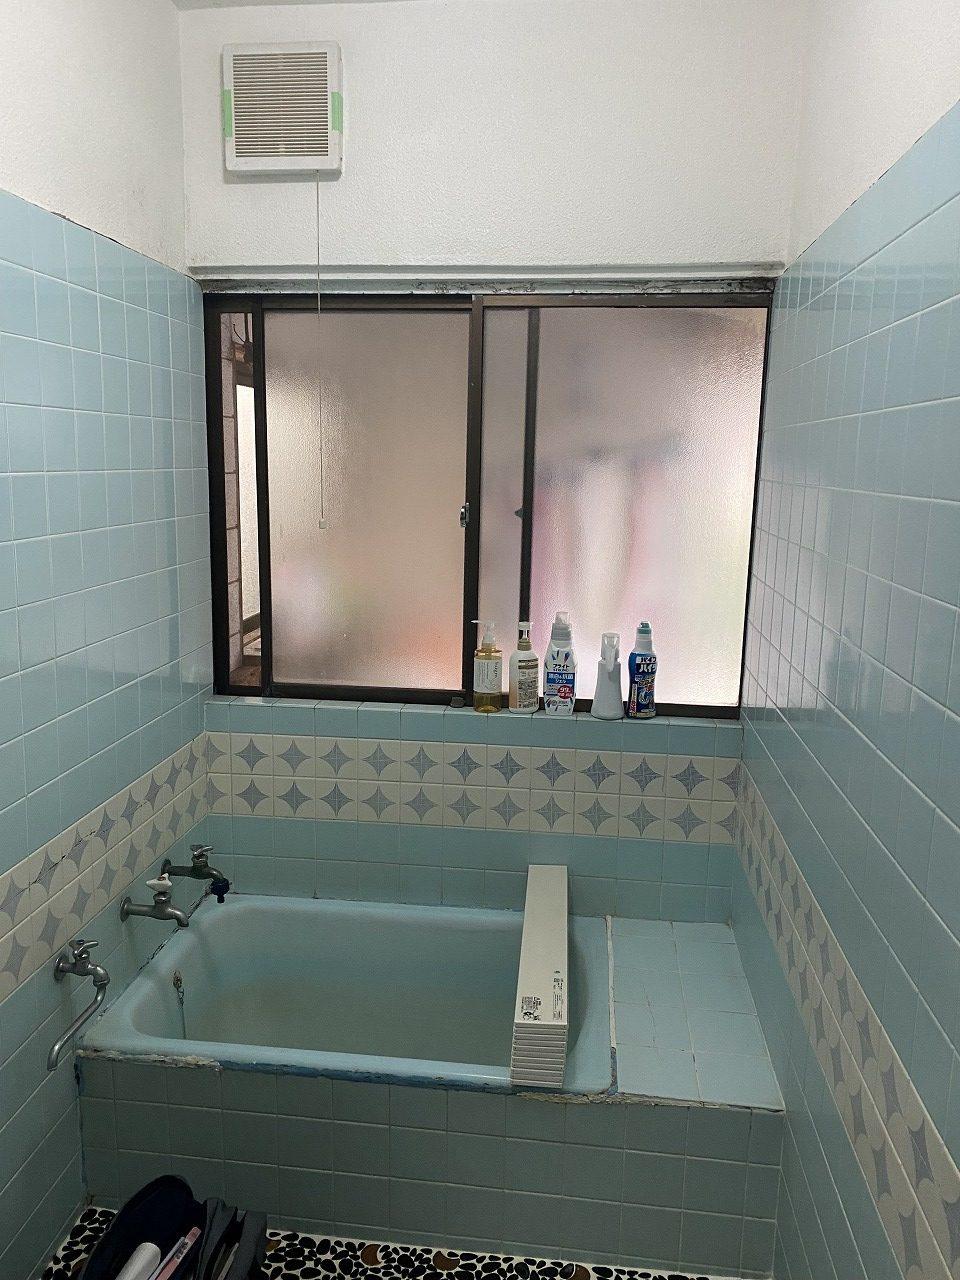 浴槽入れ替え工事 現場調査のご依頼